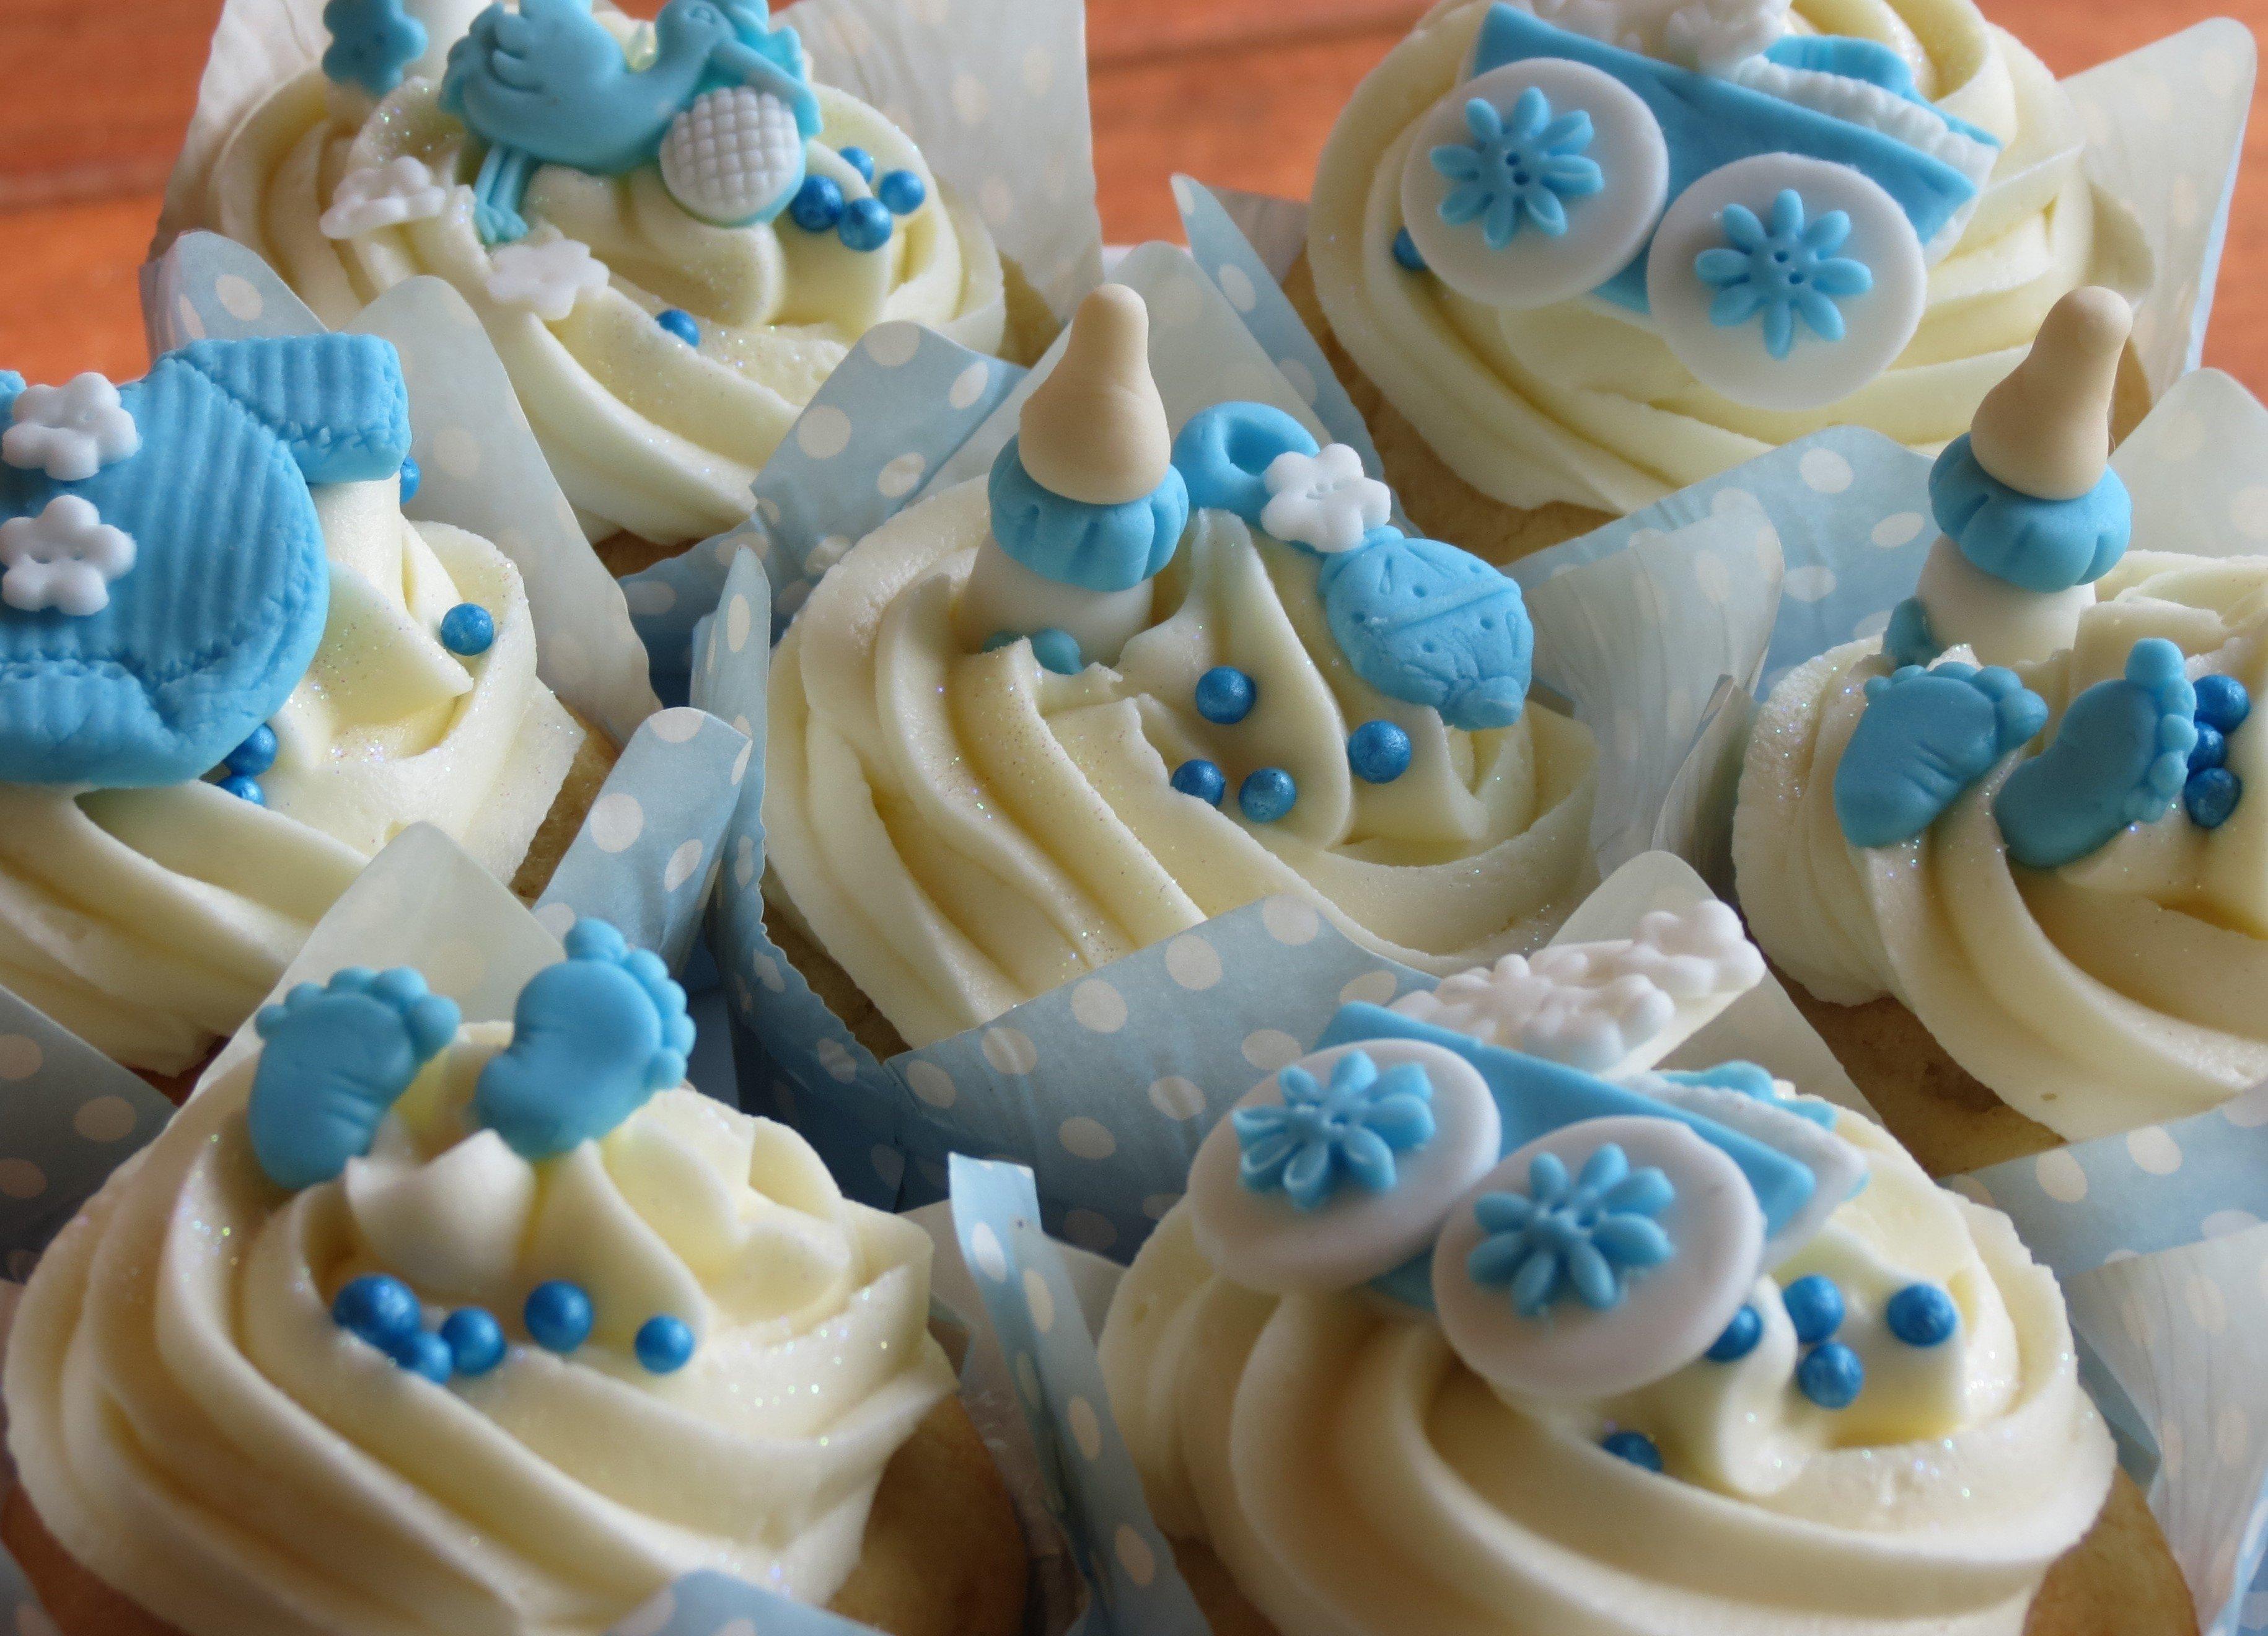 10 Fantastic Boy Baby Shower Cupcake Ideas baby shower cupcakes for a baby boy baby boy cupcakes cupcakes2delite